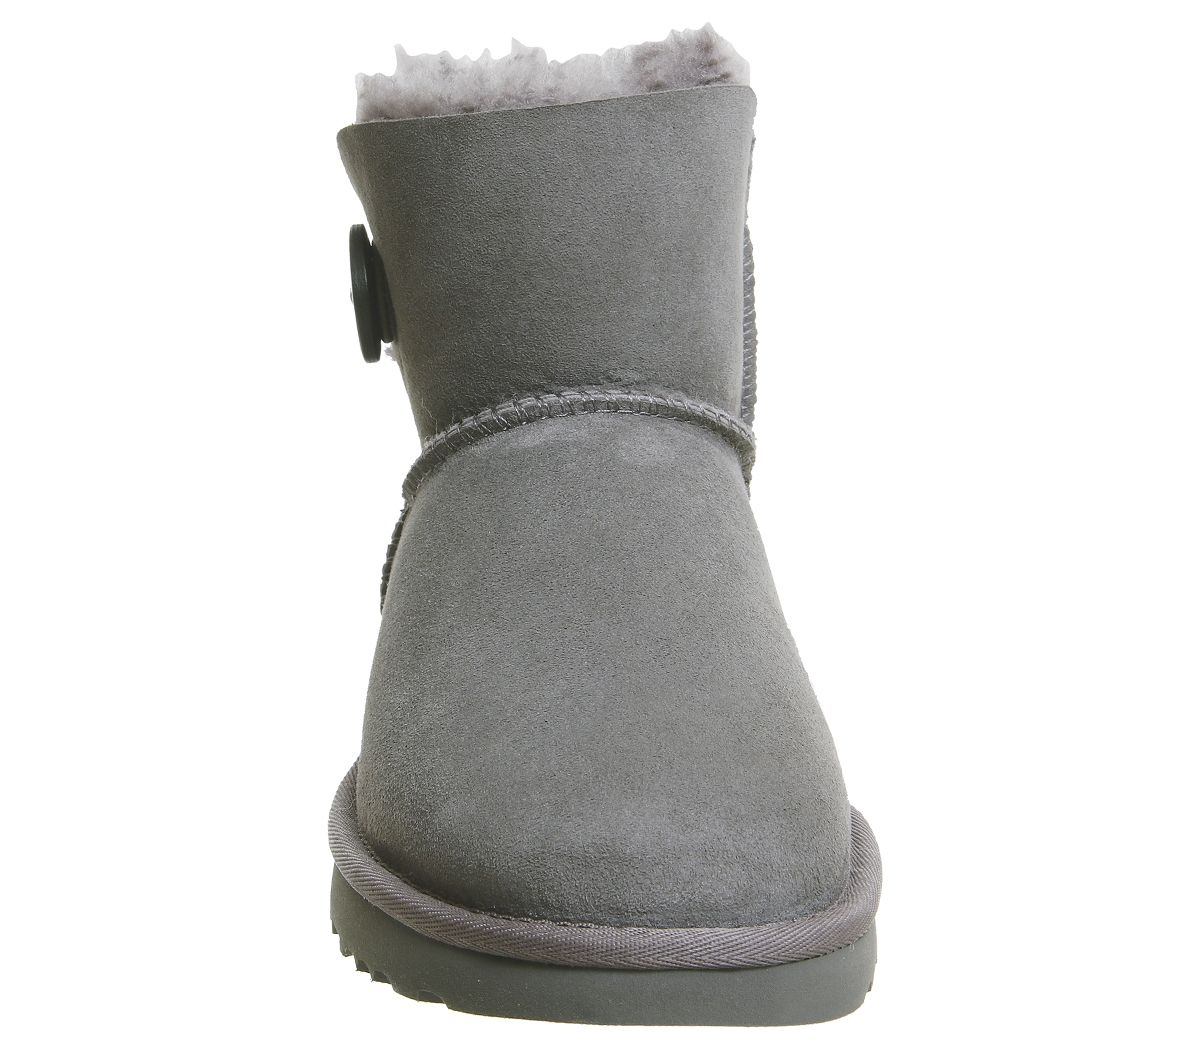 e5208d5f468 Mini Bailey Button II Boots